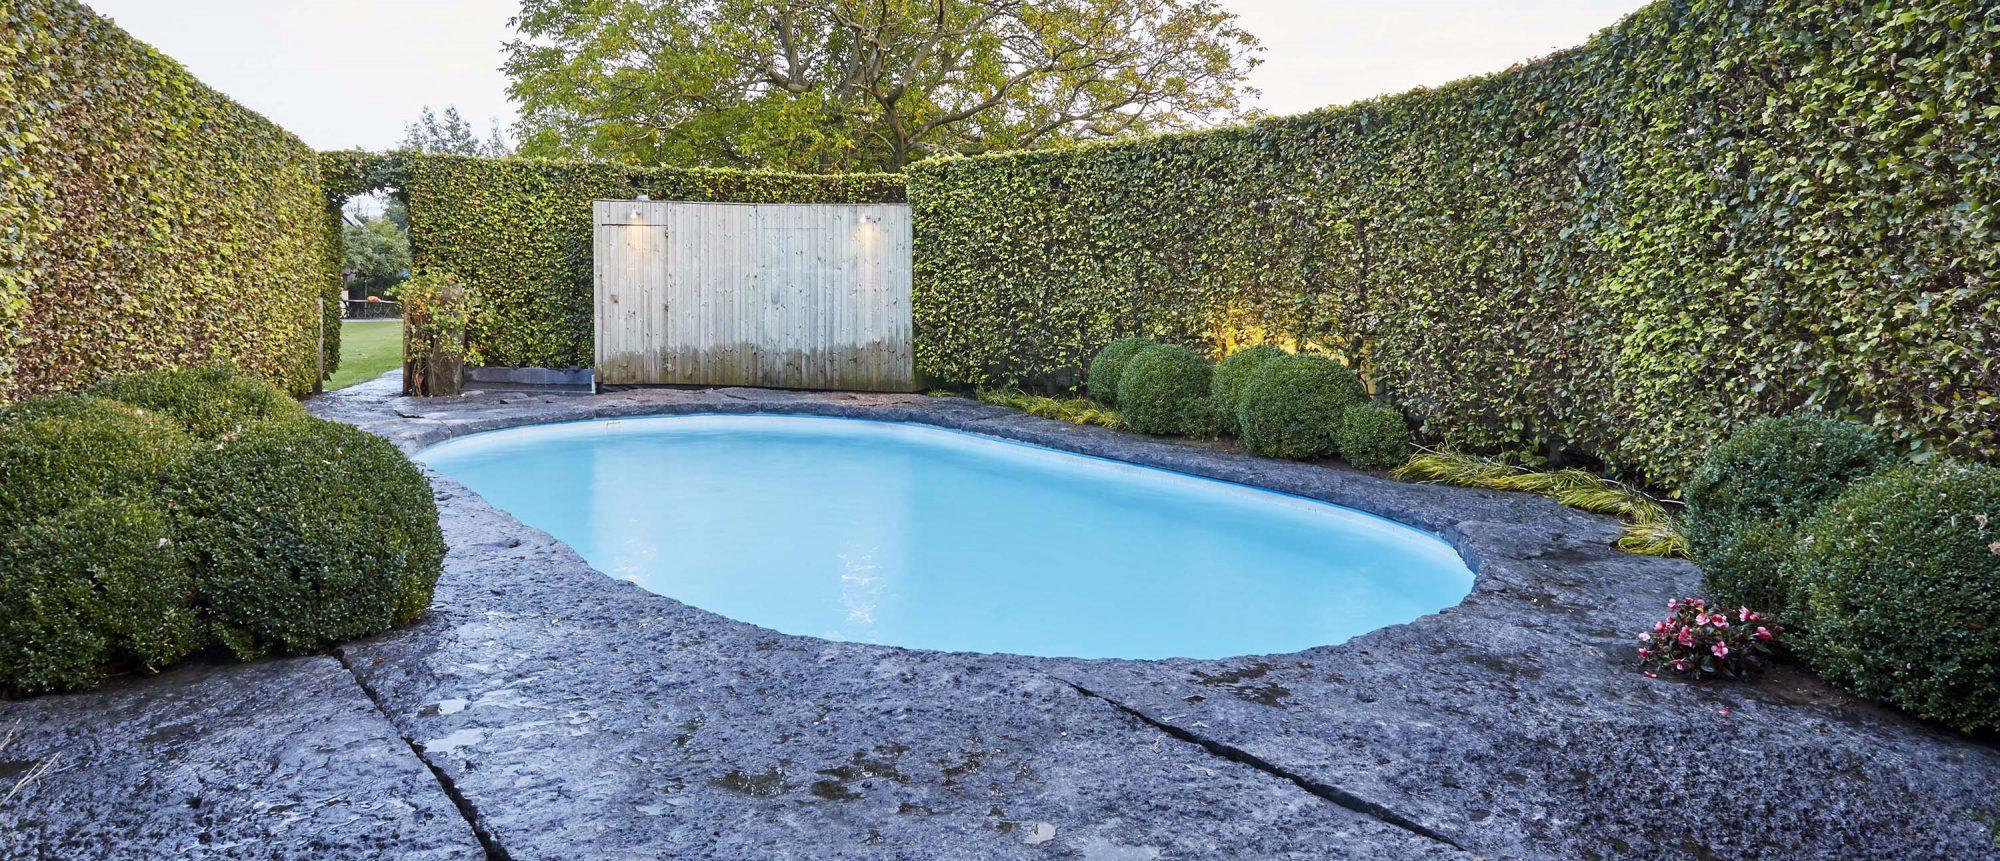 rond zwembad Belgische blauwe hardsteen 2